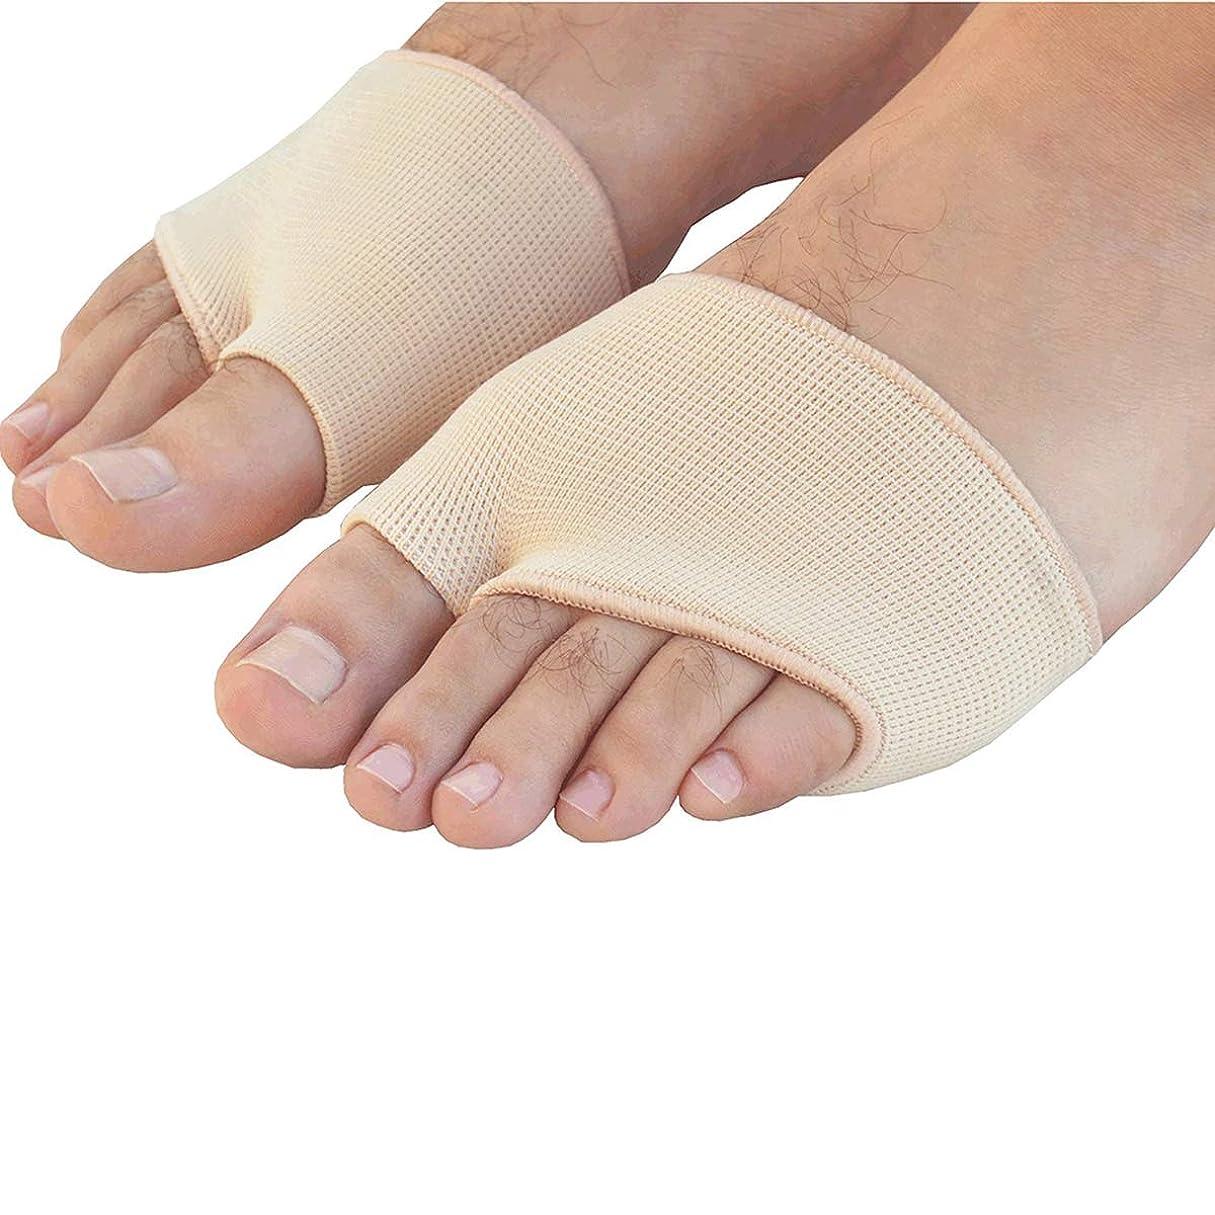 ビバエクステント歯車ROSENICE ゲルの前足中足骨の痛み救済吸収クッション パッド サイズL (肌の色)